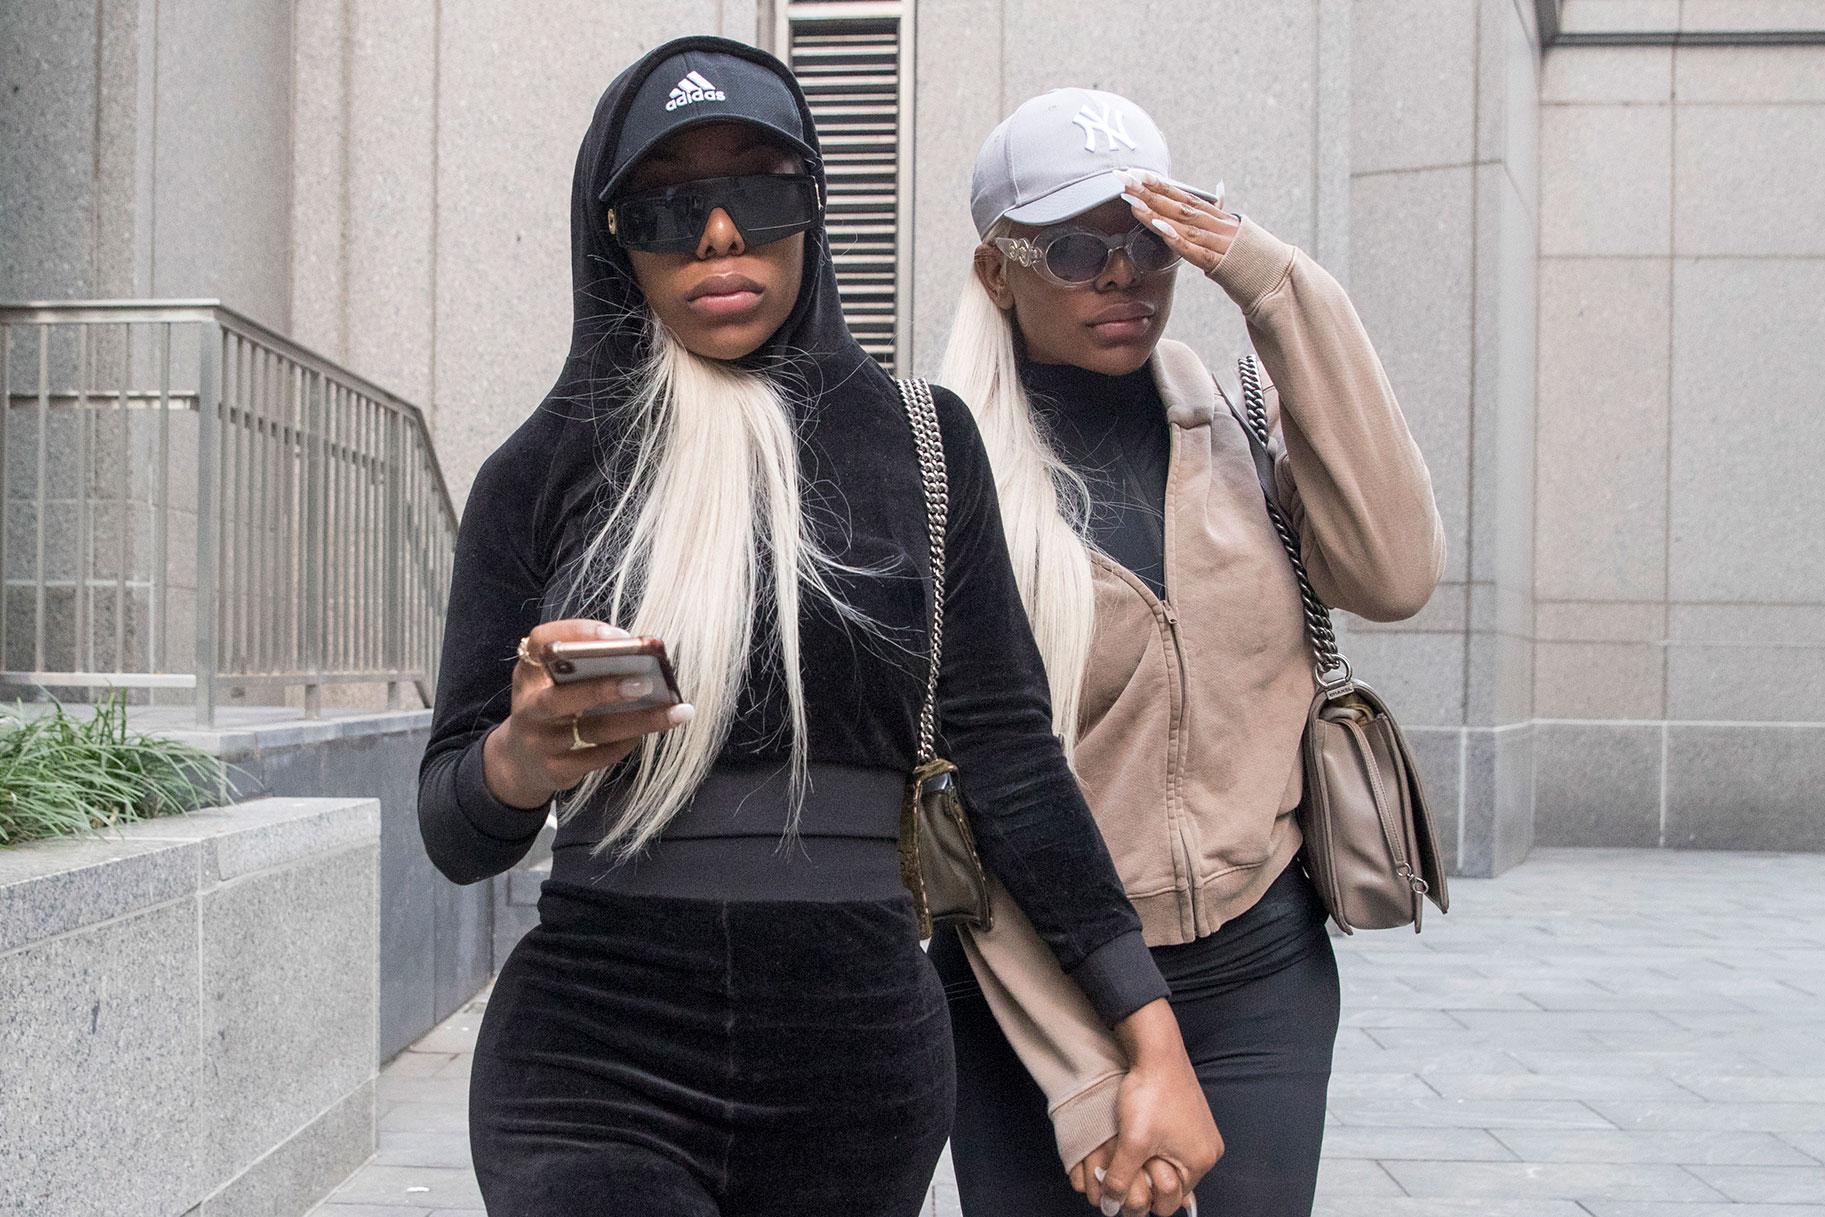 La ex estrella de 'Bad Girls Club' Shannade Clermont es liberada de la prisión y trasladada a Halfway House